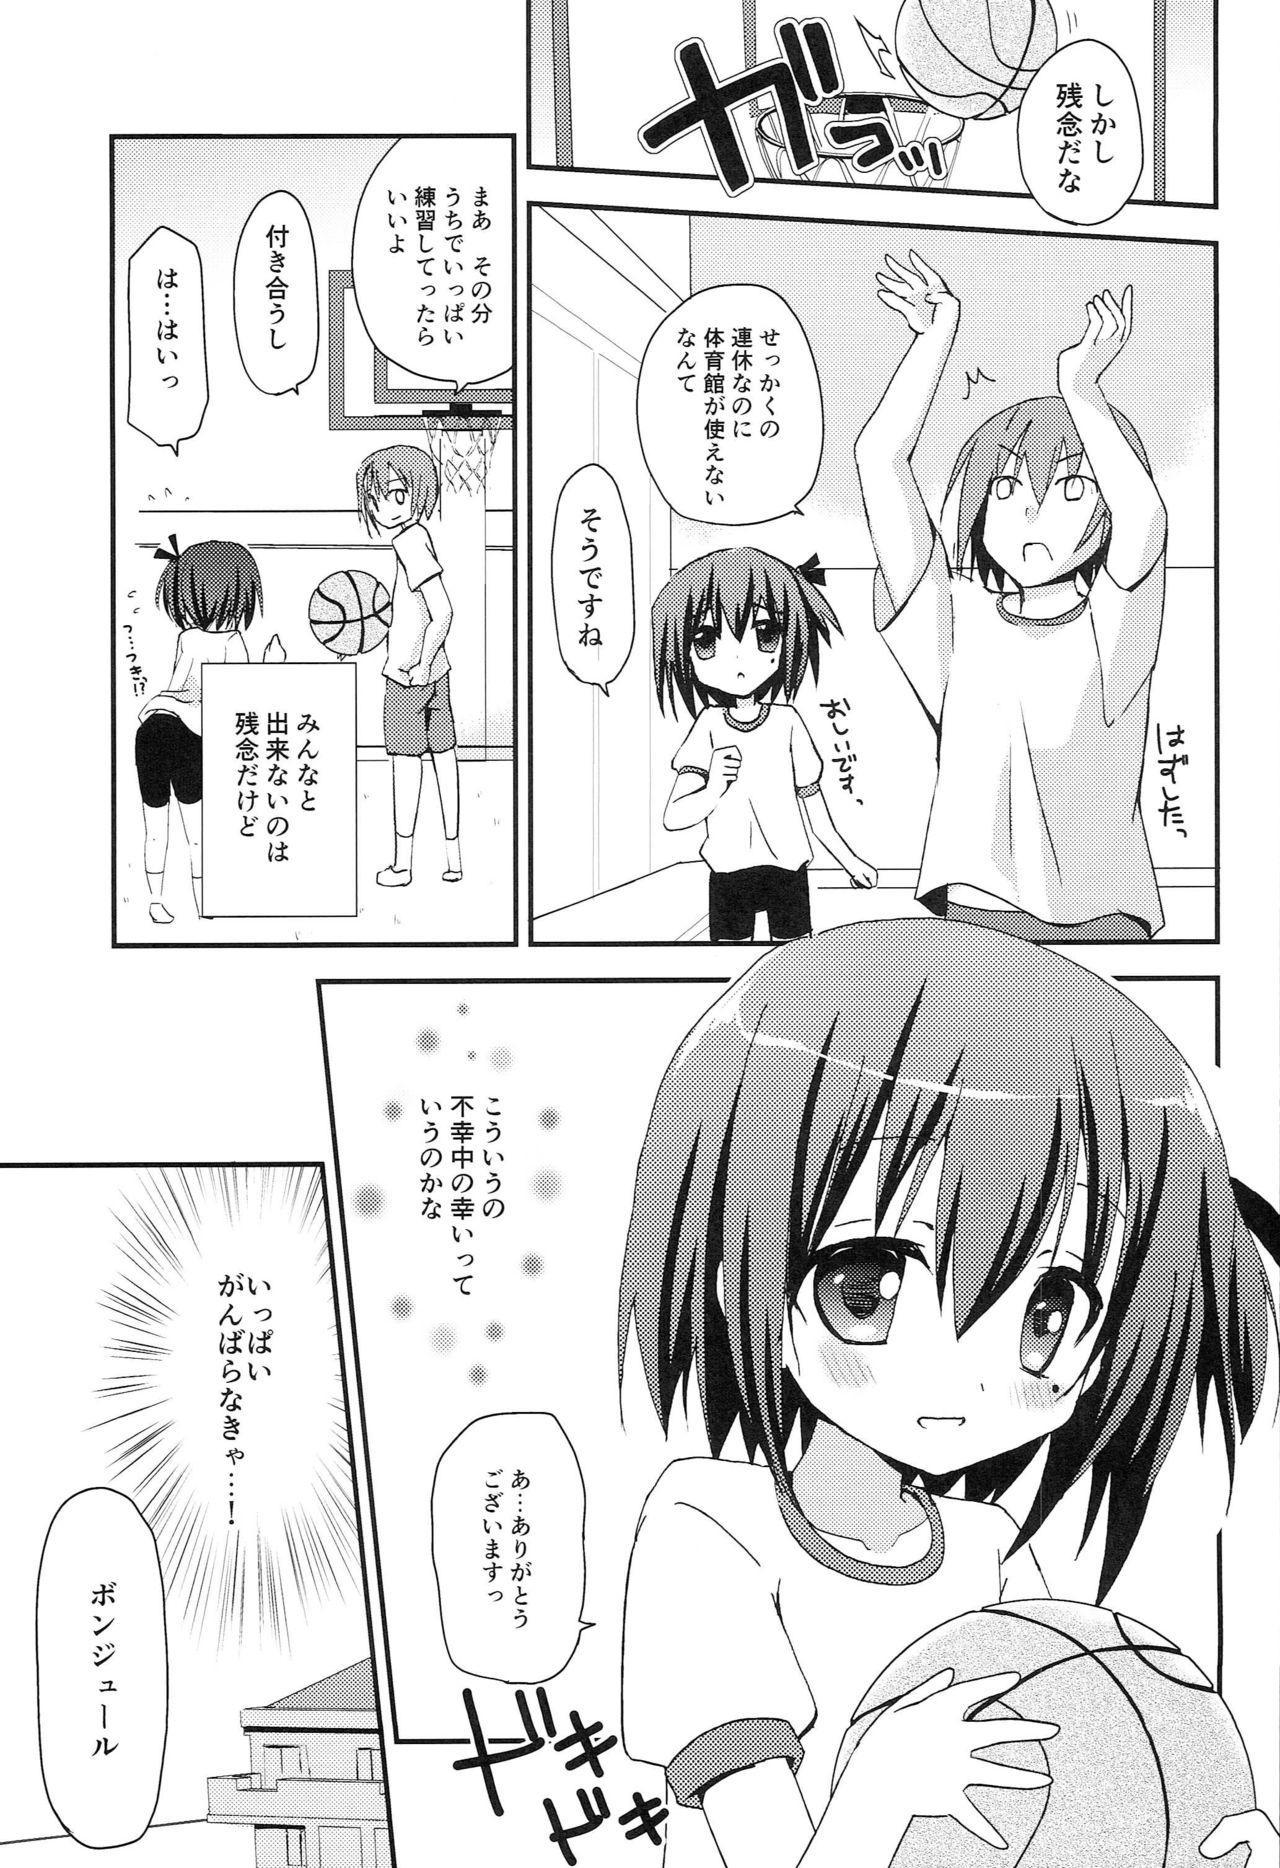 Tomoka to Mimi no Otomari 3P 1